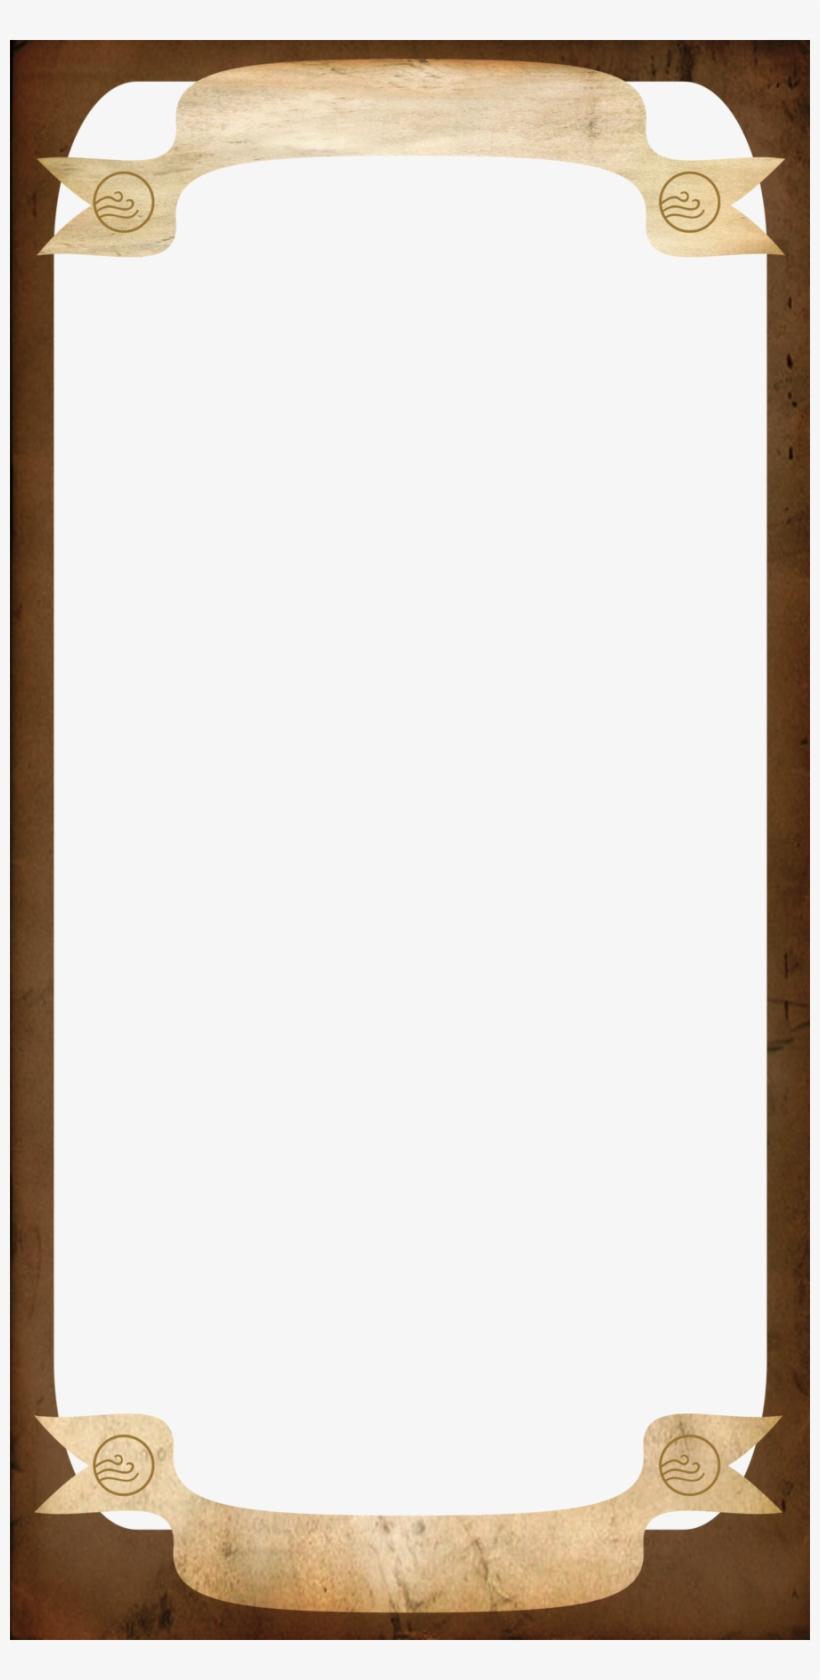 Template Tarot Card Template Medium Size Template Tarot - Tarot Within Blank Magic Card Template